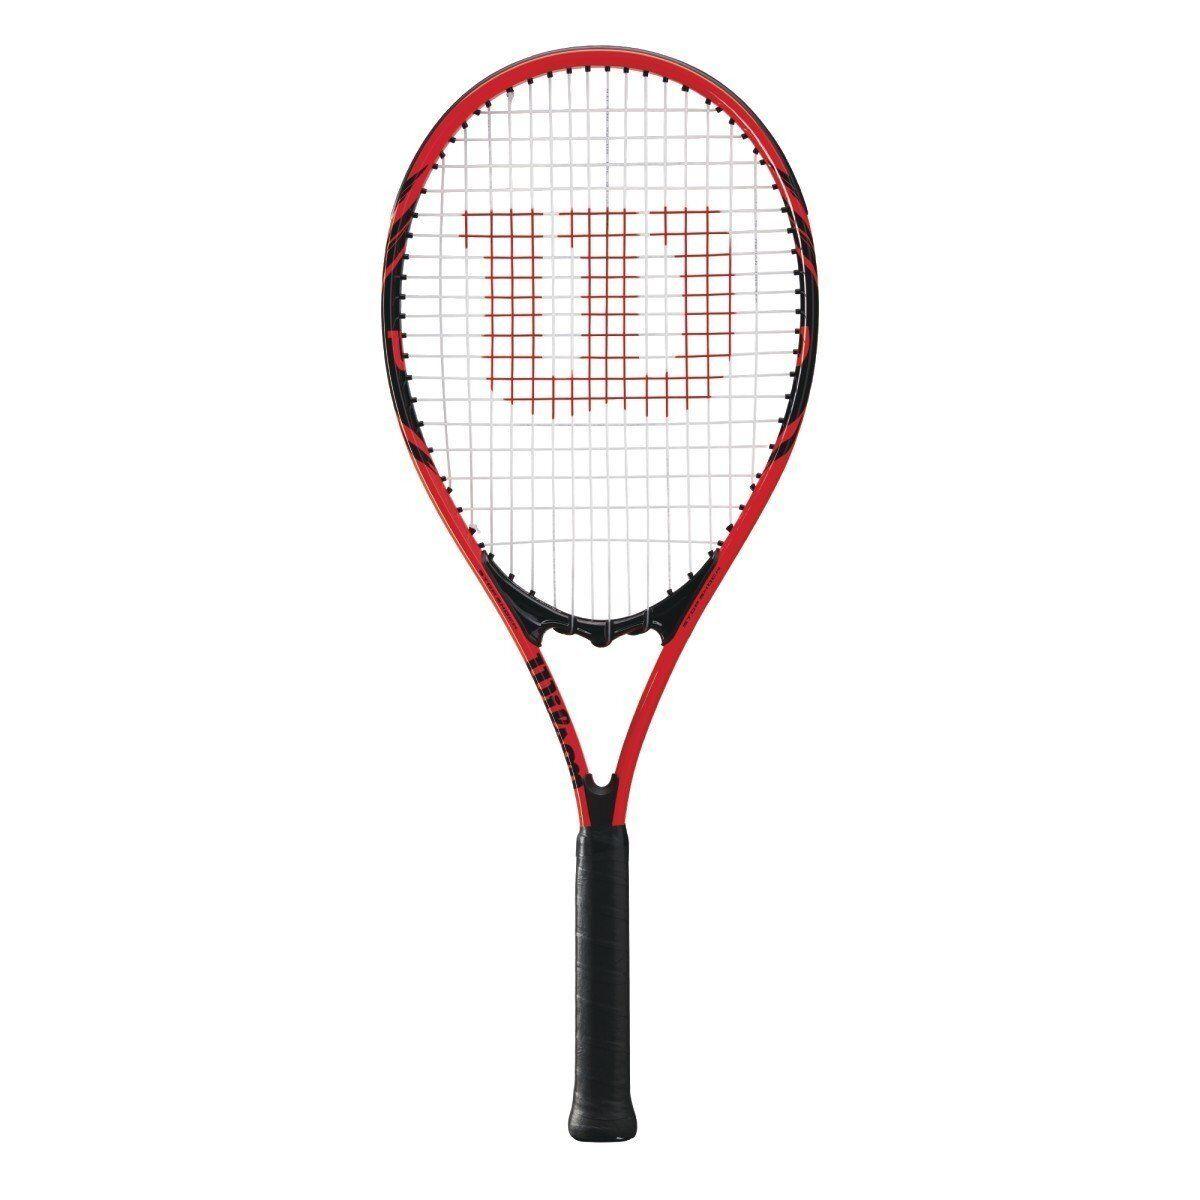 Wilson - WRT30480U3 - Federer Pre-Strung Tennis Racquet - Grip Size 4 3 8